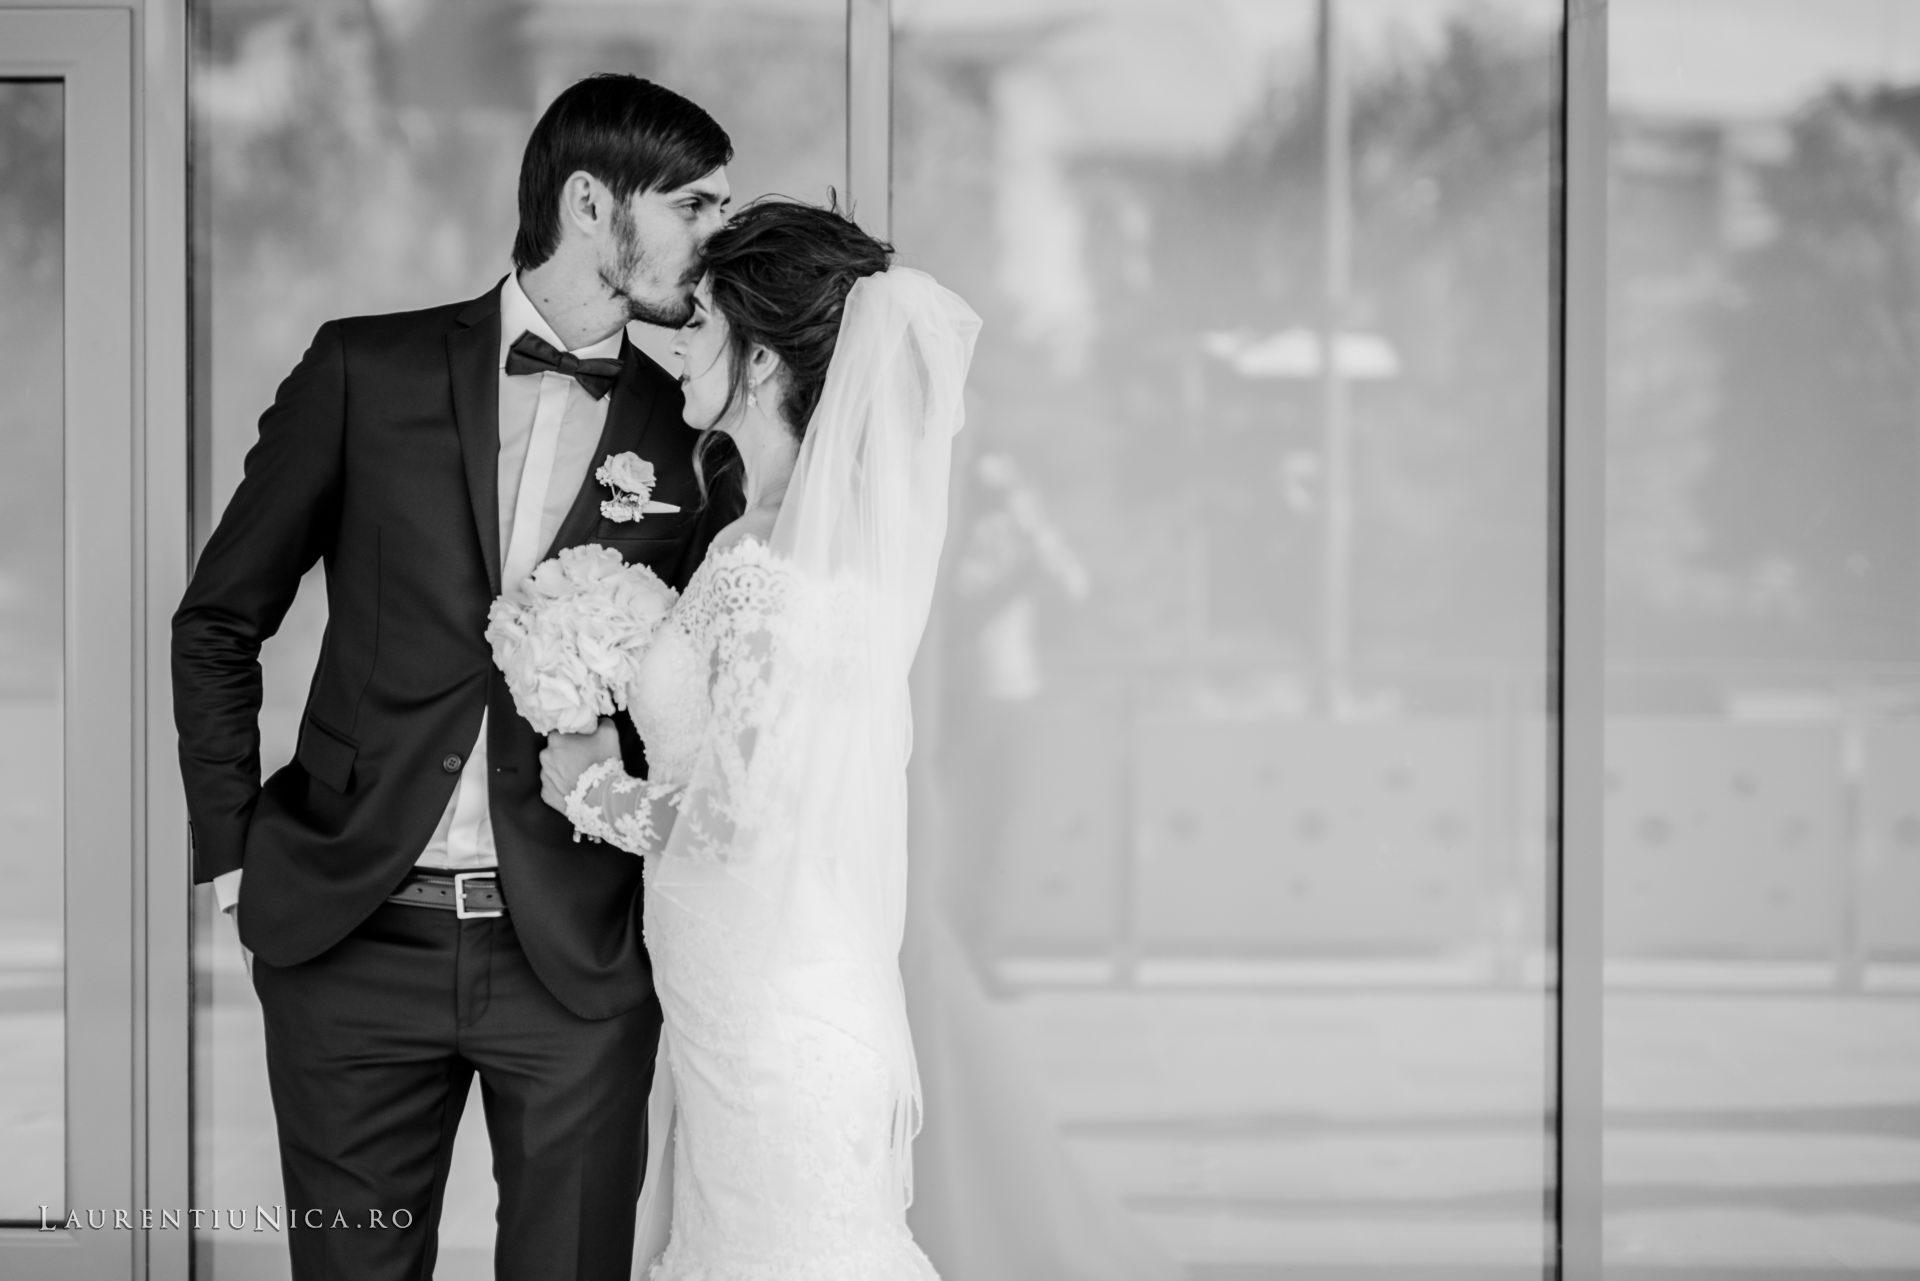 Cristina si Ovidiu nunta Craiova fotograf laurentiu nica 096 - Cristina & Ovidiu | Fotografii nunta | Craiova